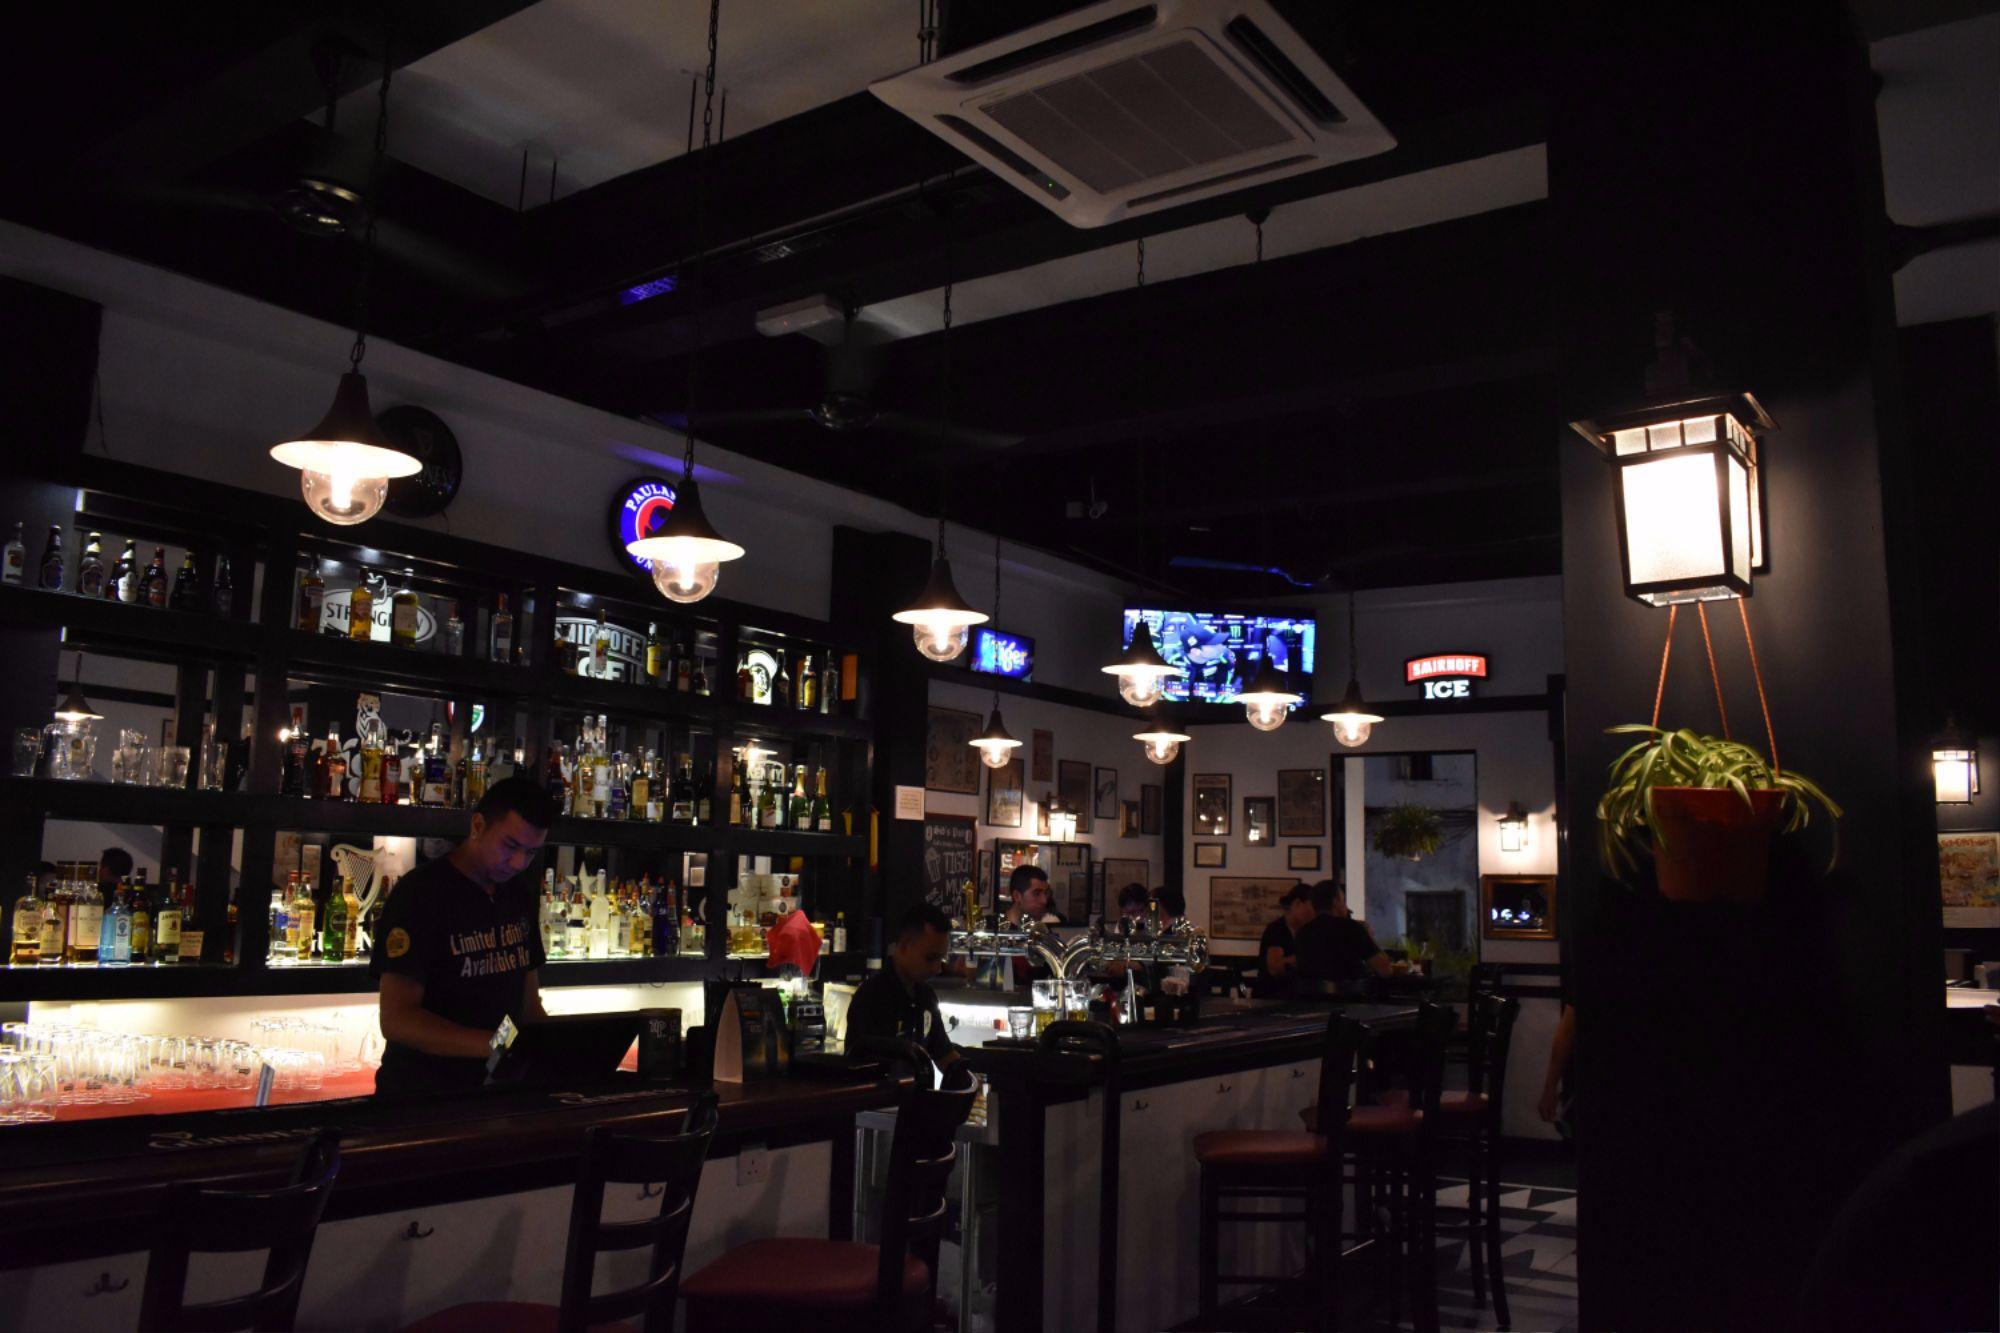 sid's pub jonker street